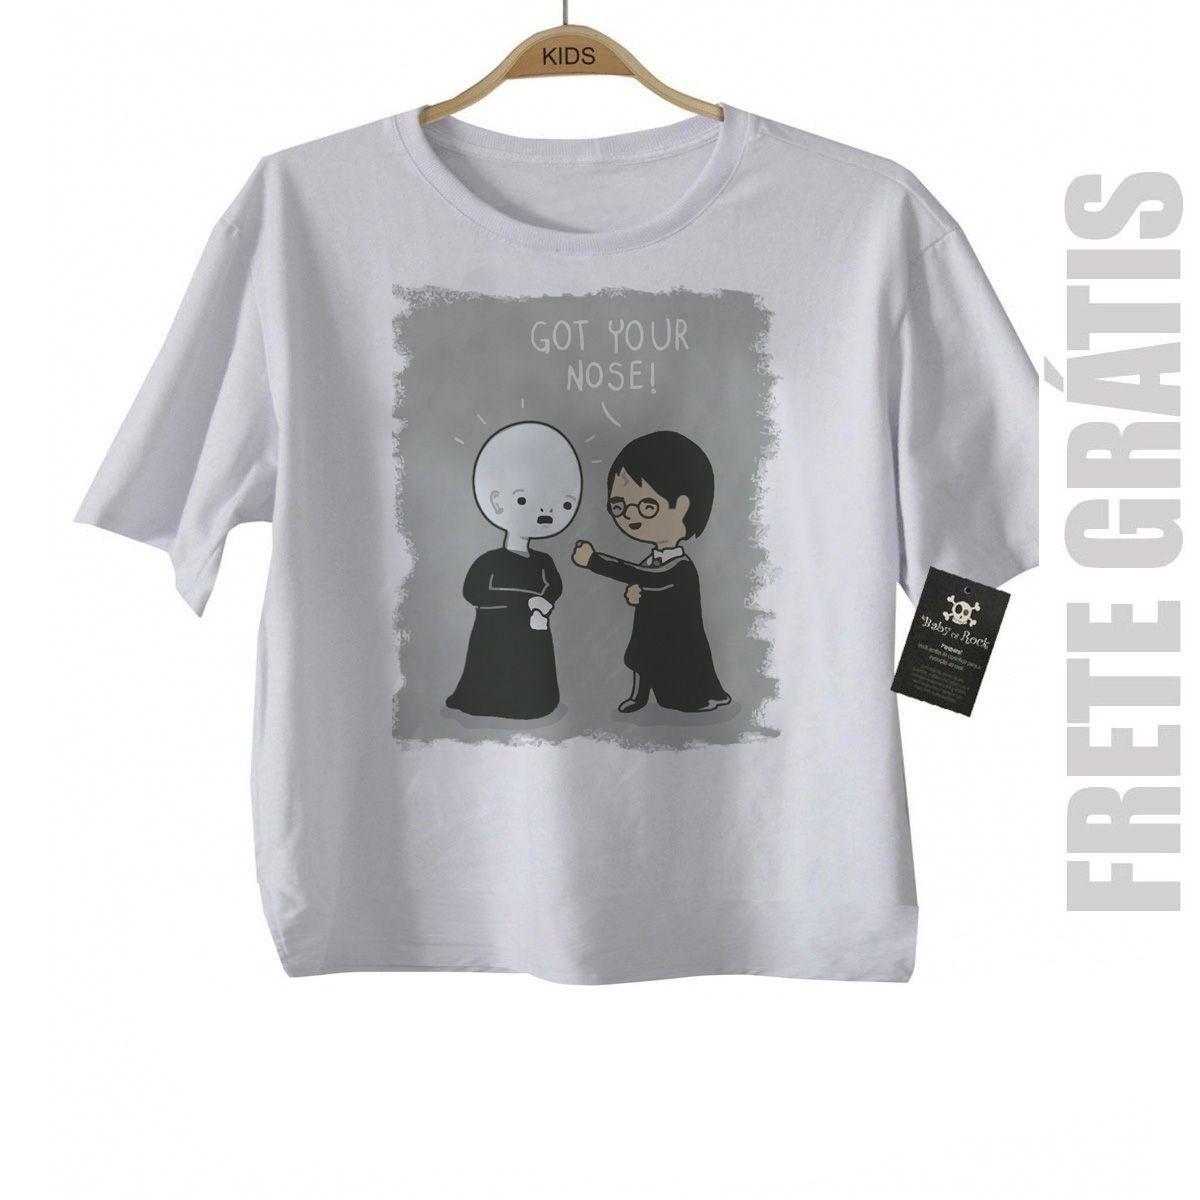 Camiseta Infantil Filmes - Nerd / Geek  Bebe  Potter - White  - Baby Monster - Body Bebe